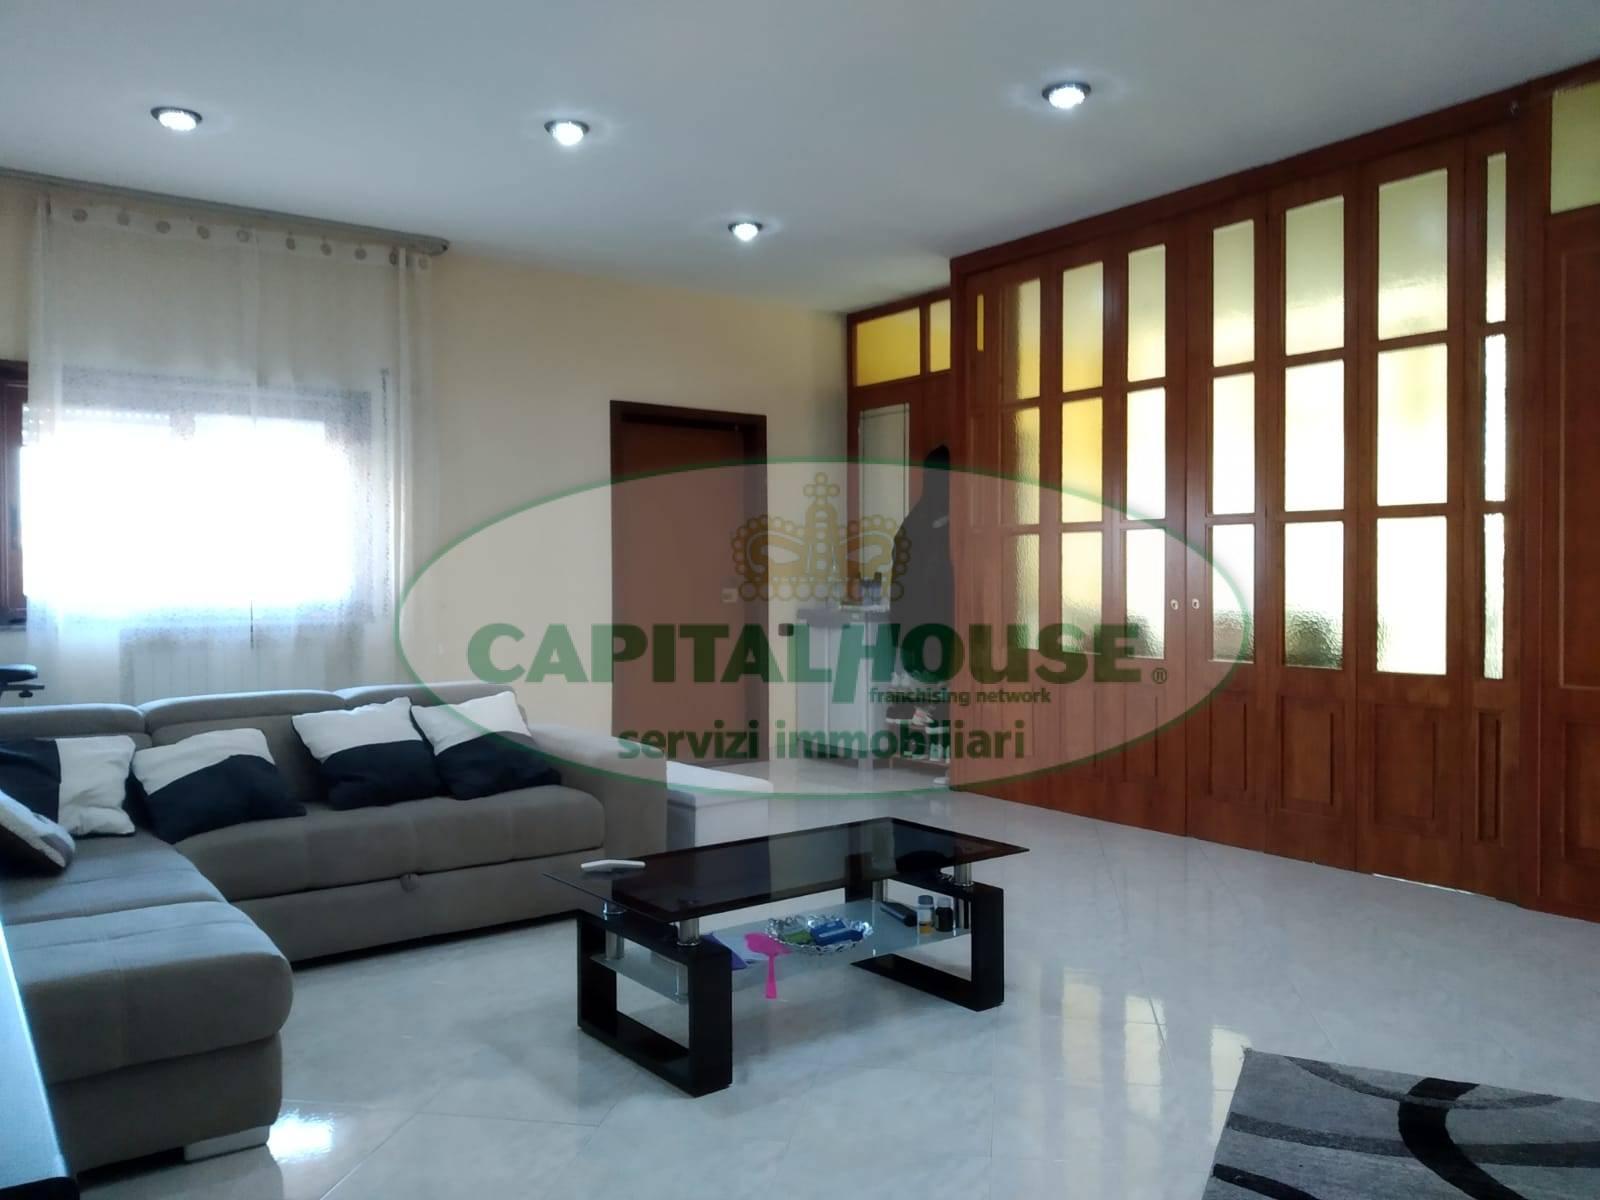 Appartamento in vendita a Terzigno, 4 locali, prezzo € 95.000 | PortaleAgenzieImmobiliari.it